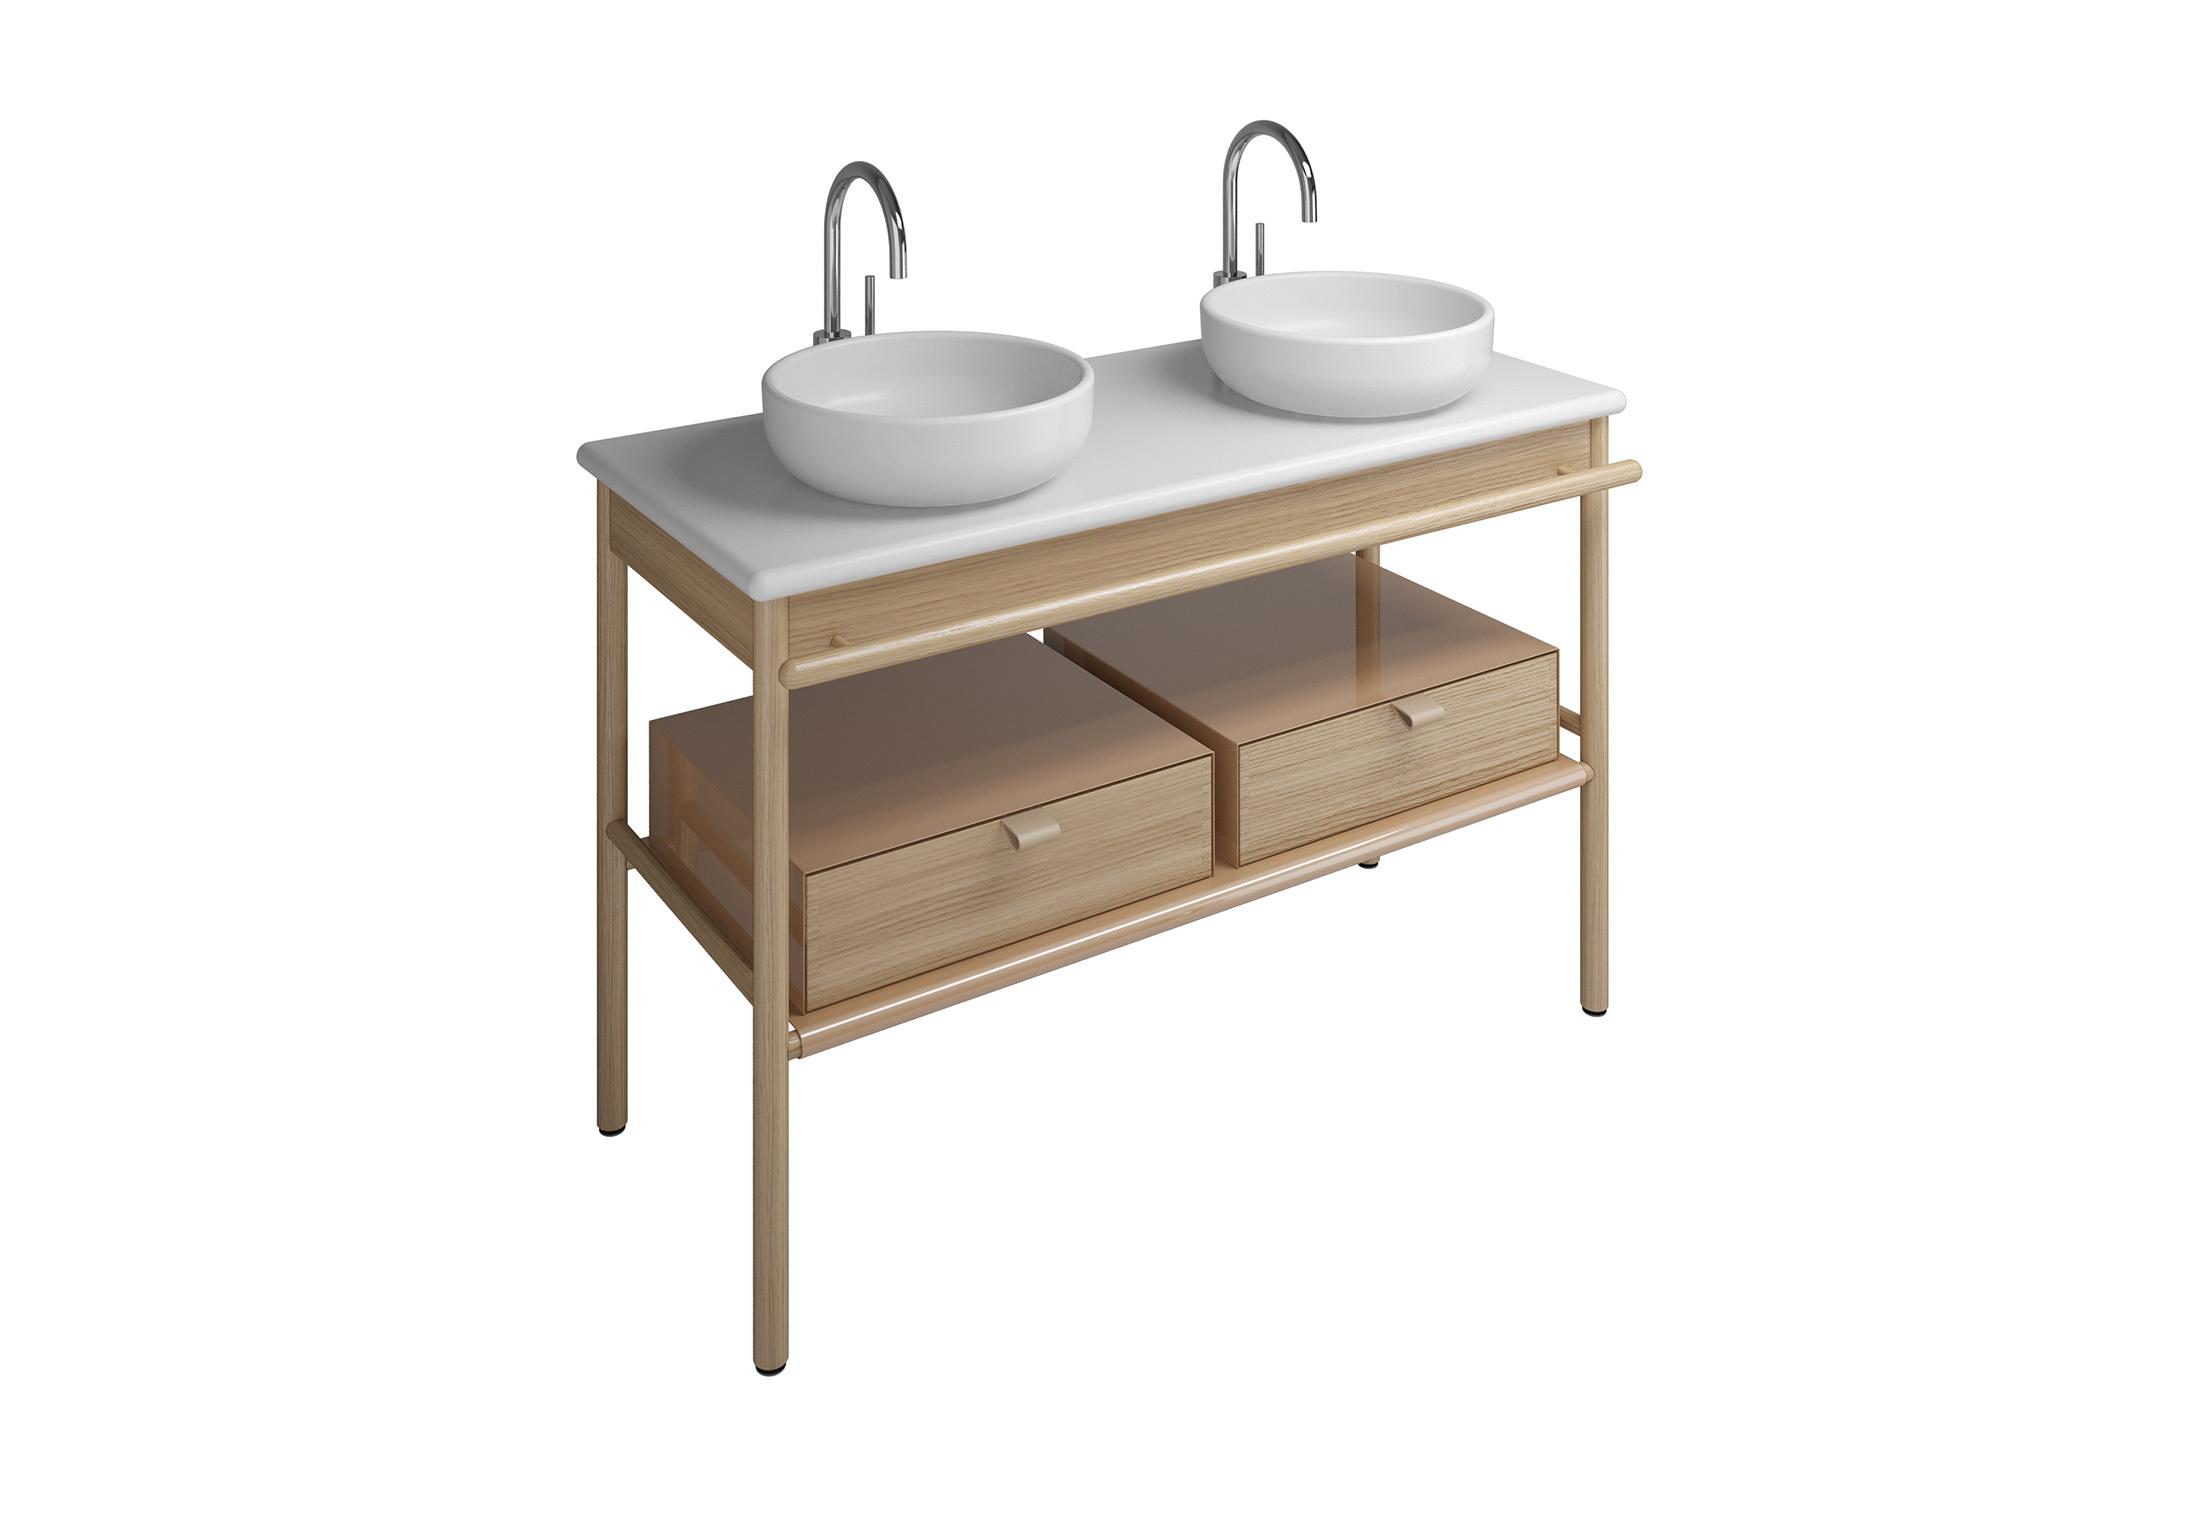 Mya Keramik-Aufsatzwaschtische mit Waschtischunterschrank ...